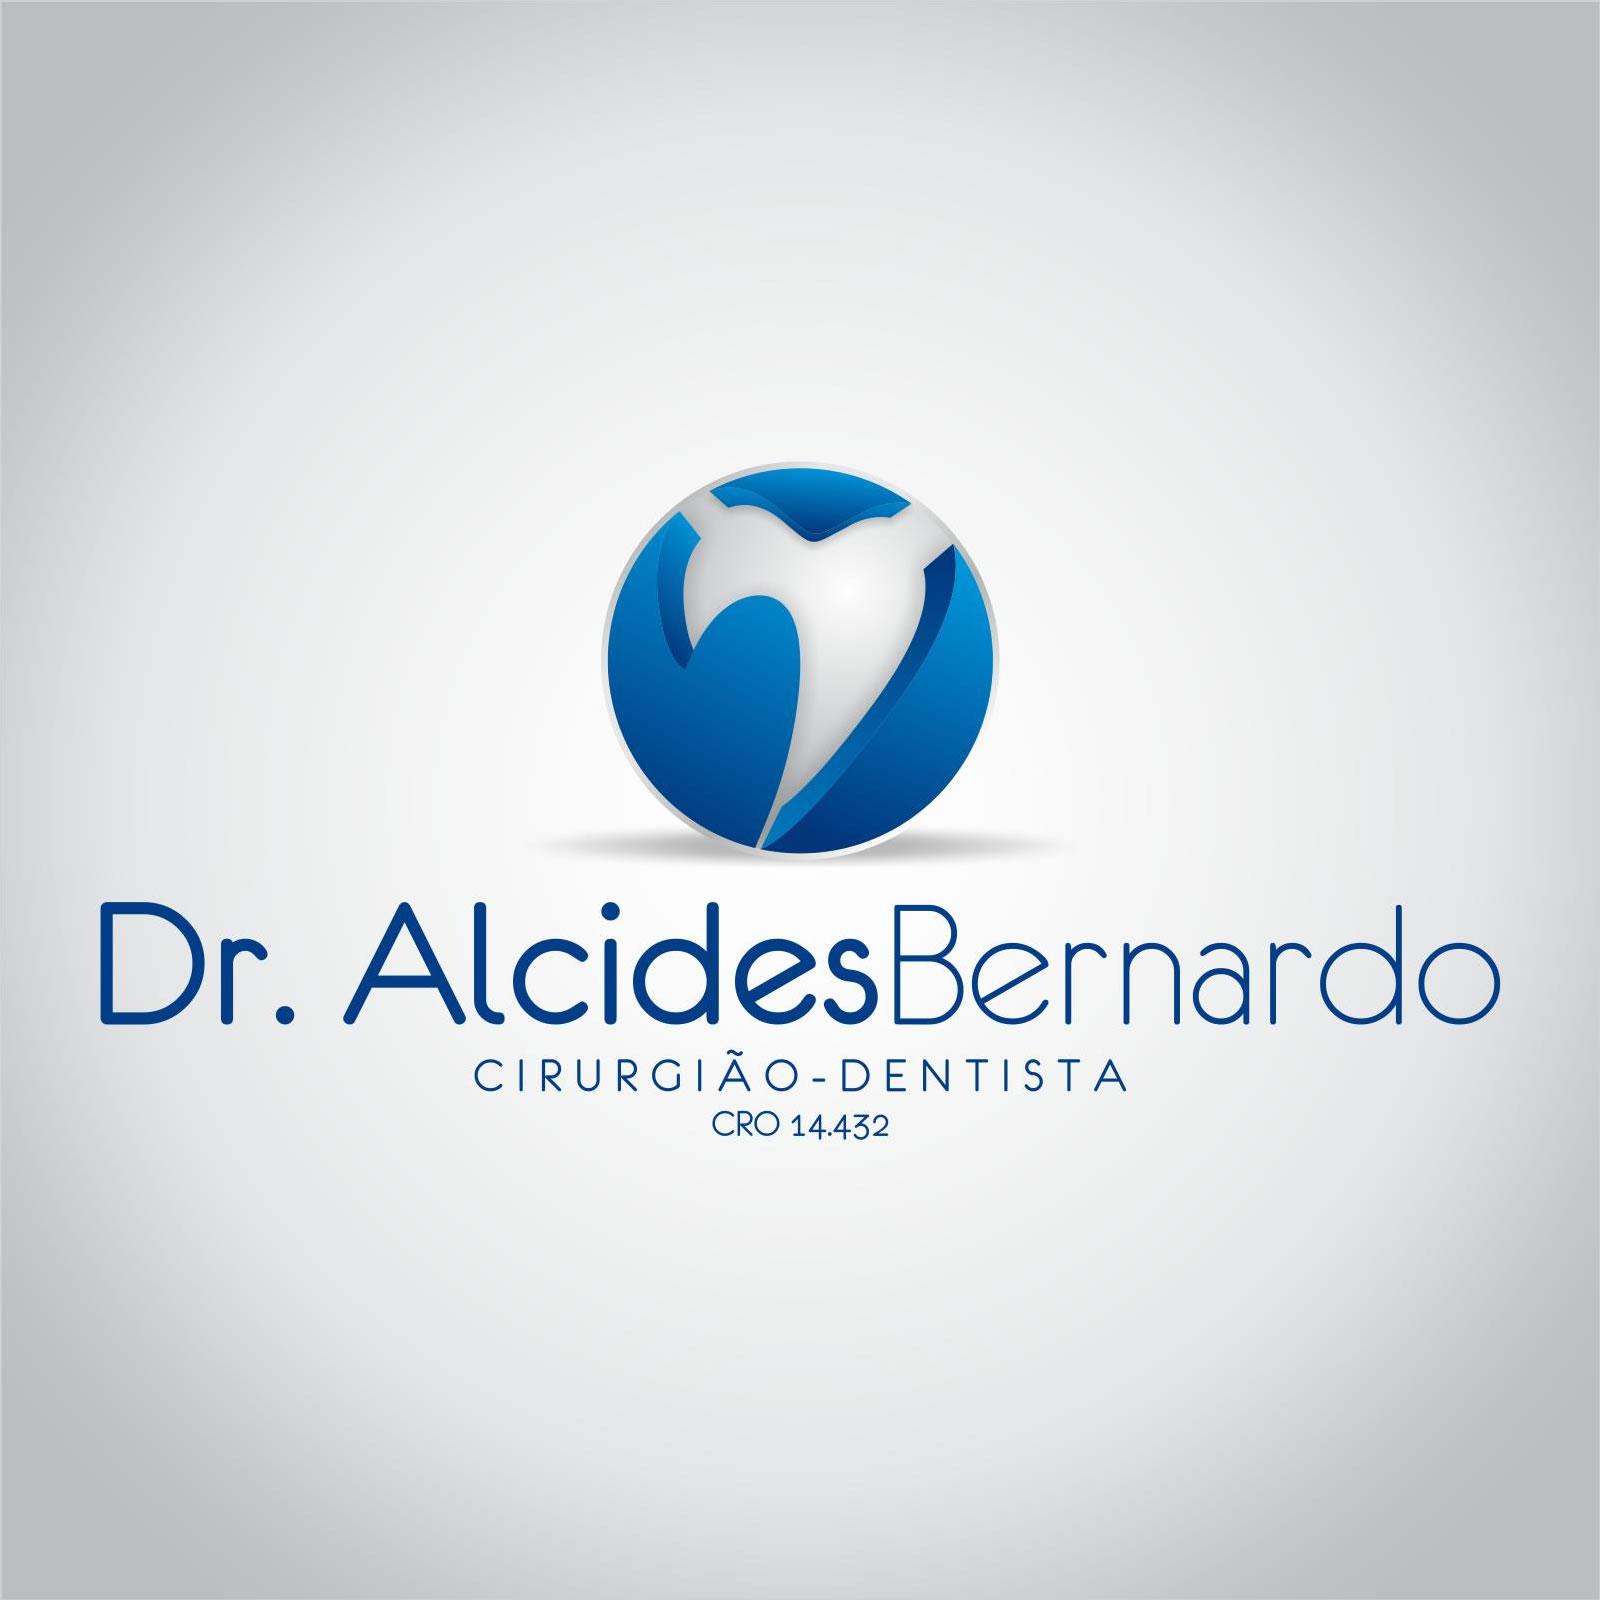 Logomarca   Dr. Alcides Bernardo